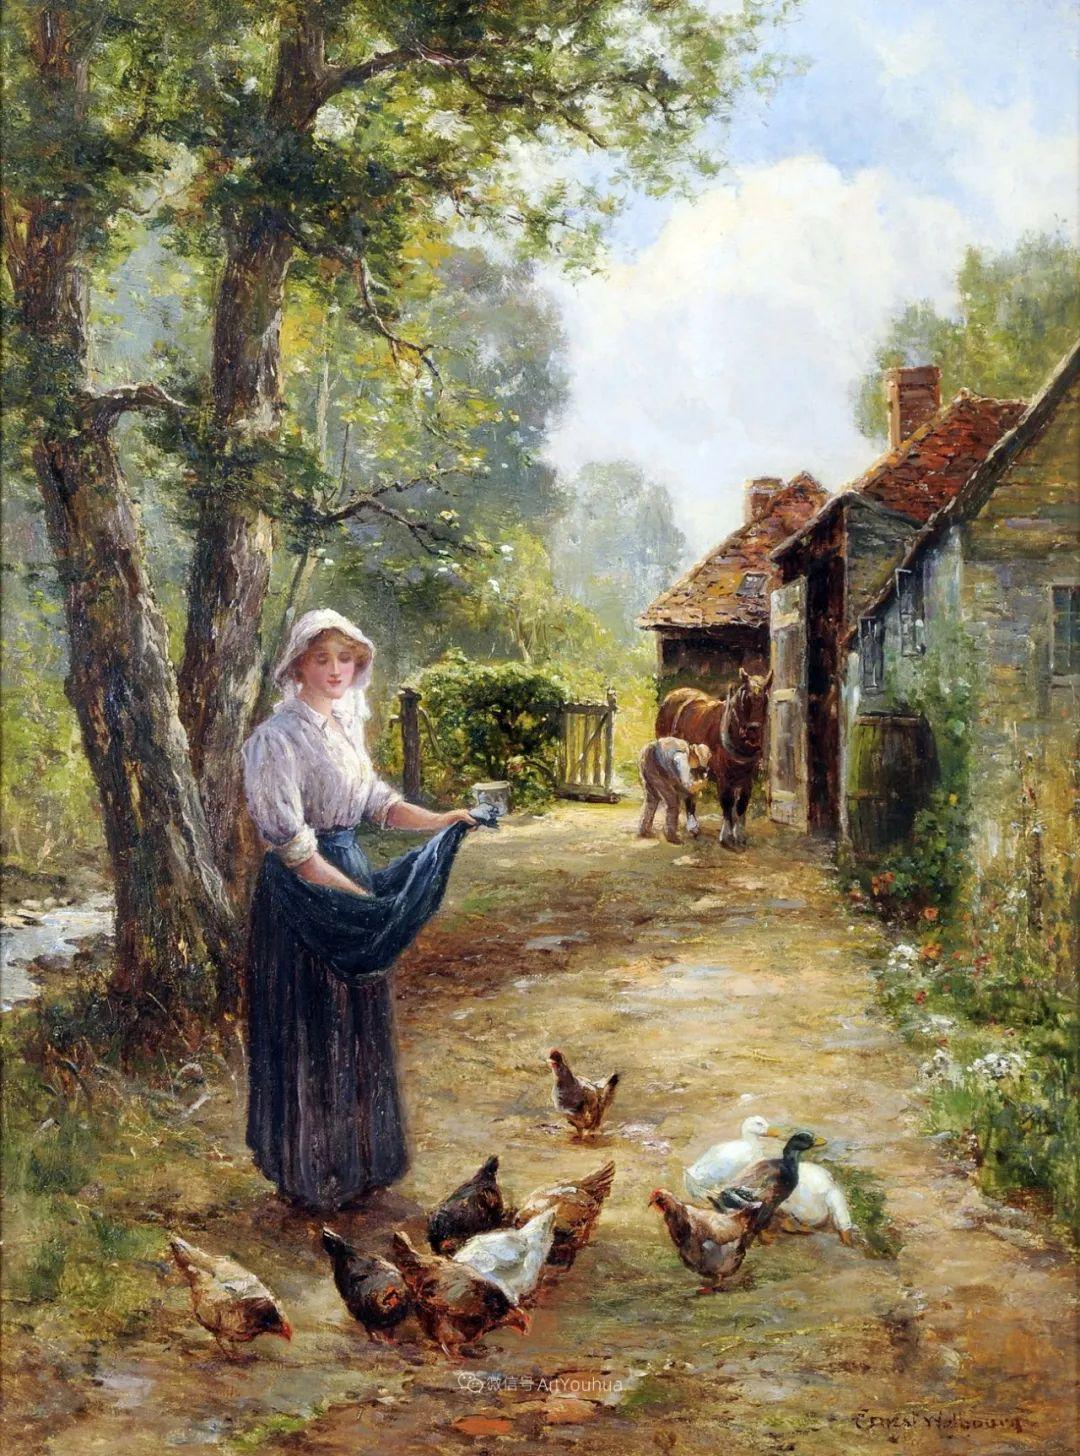 他笔下的绝美乡村景象,真令人向往!英国画家Ernest Charles Walbourn作品(上)插图7